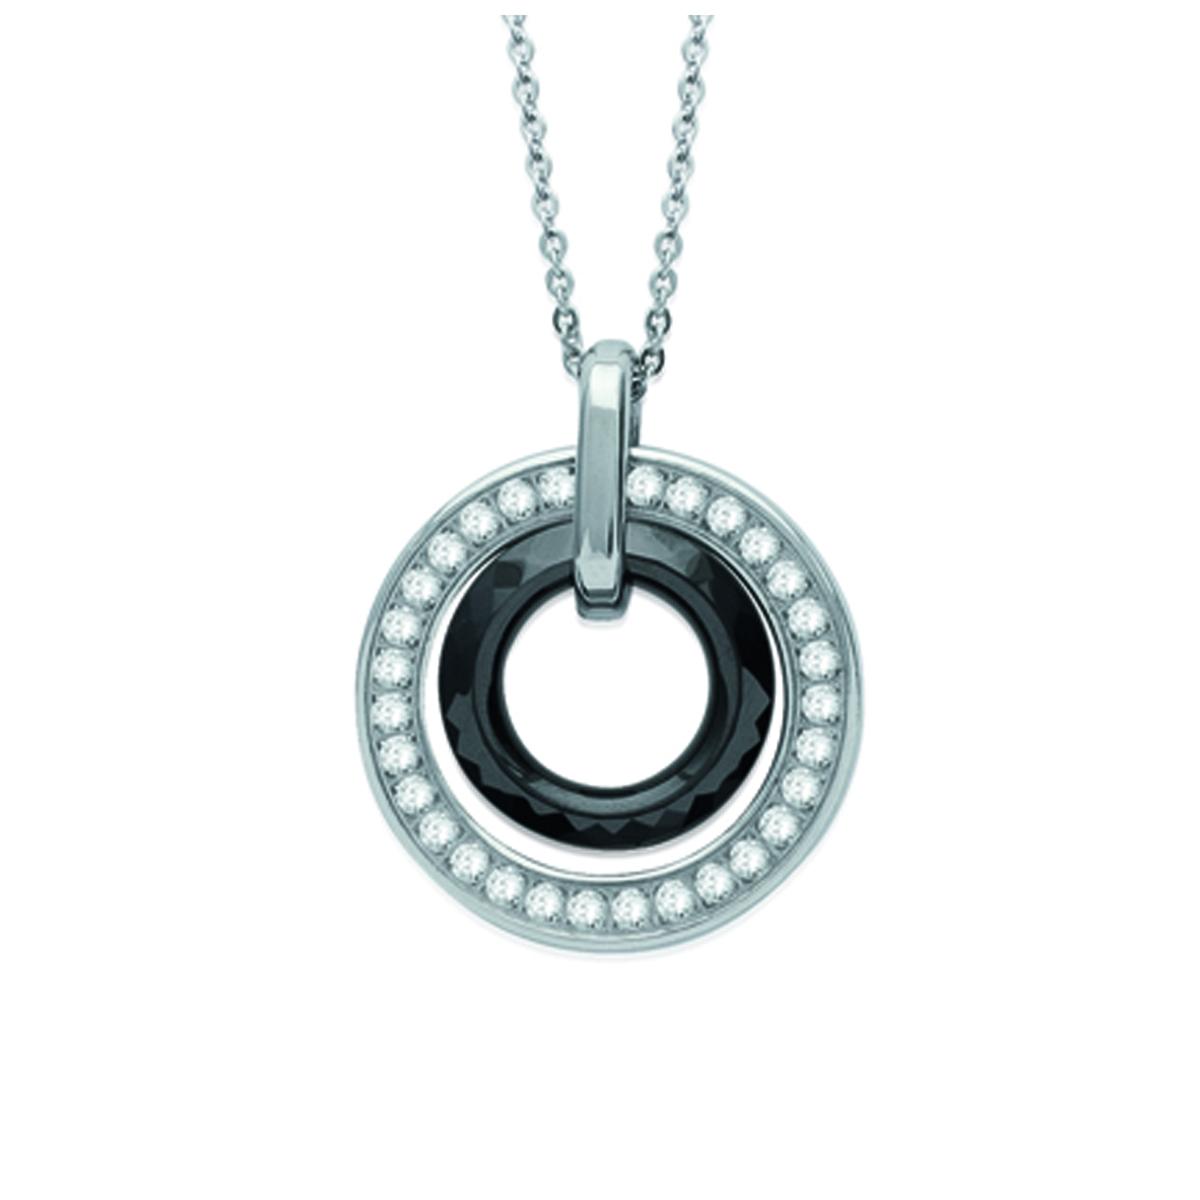 Collier acier \'Sissi\' nolir argenté (céramique) - 28 mm - [K9350]